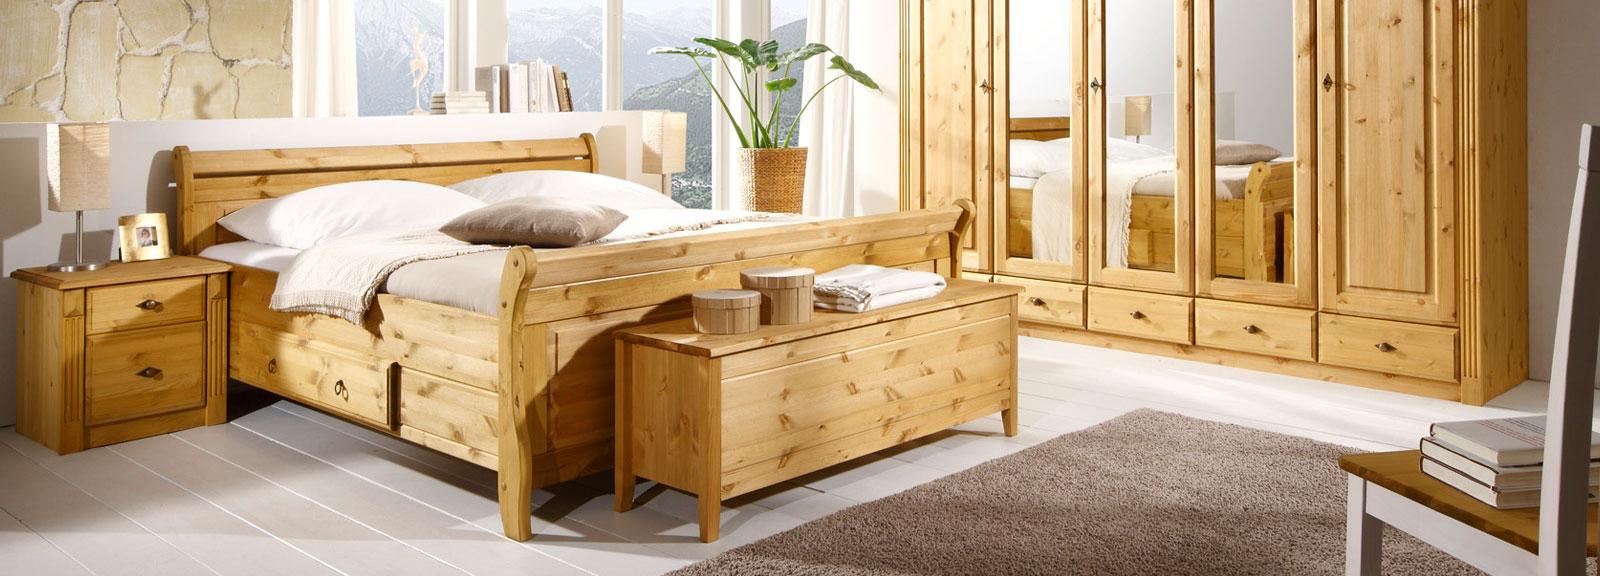 Schlafzimmer Landhausstil Eva & Dora aus Massivholz, Bild 2